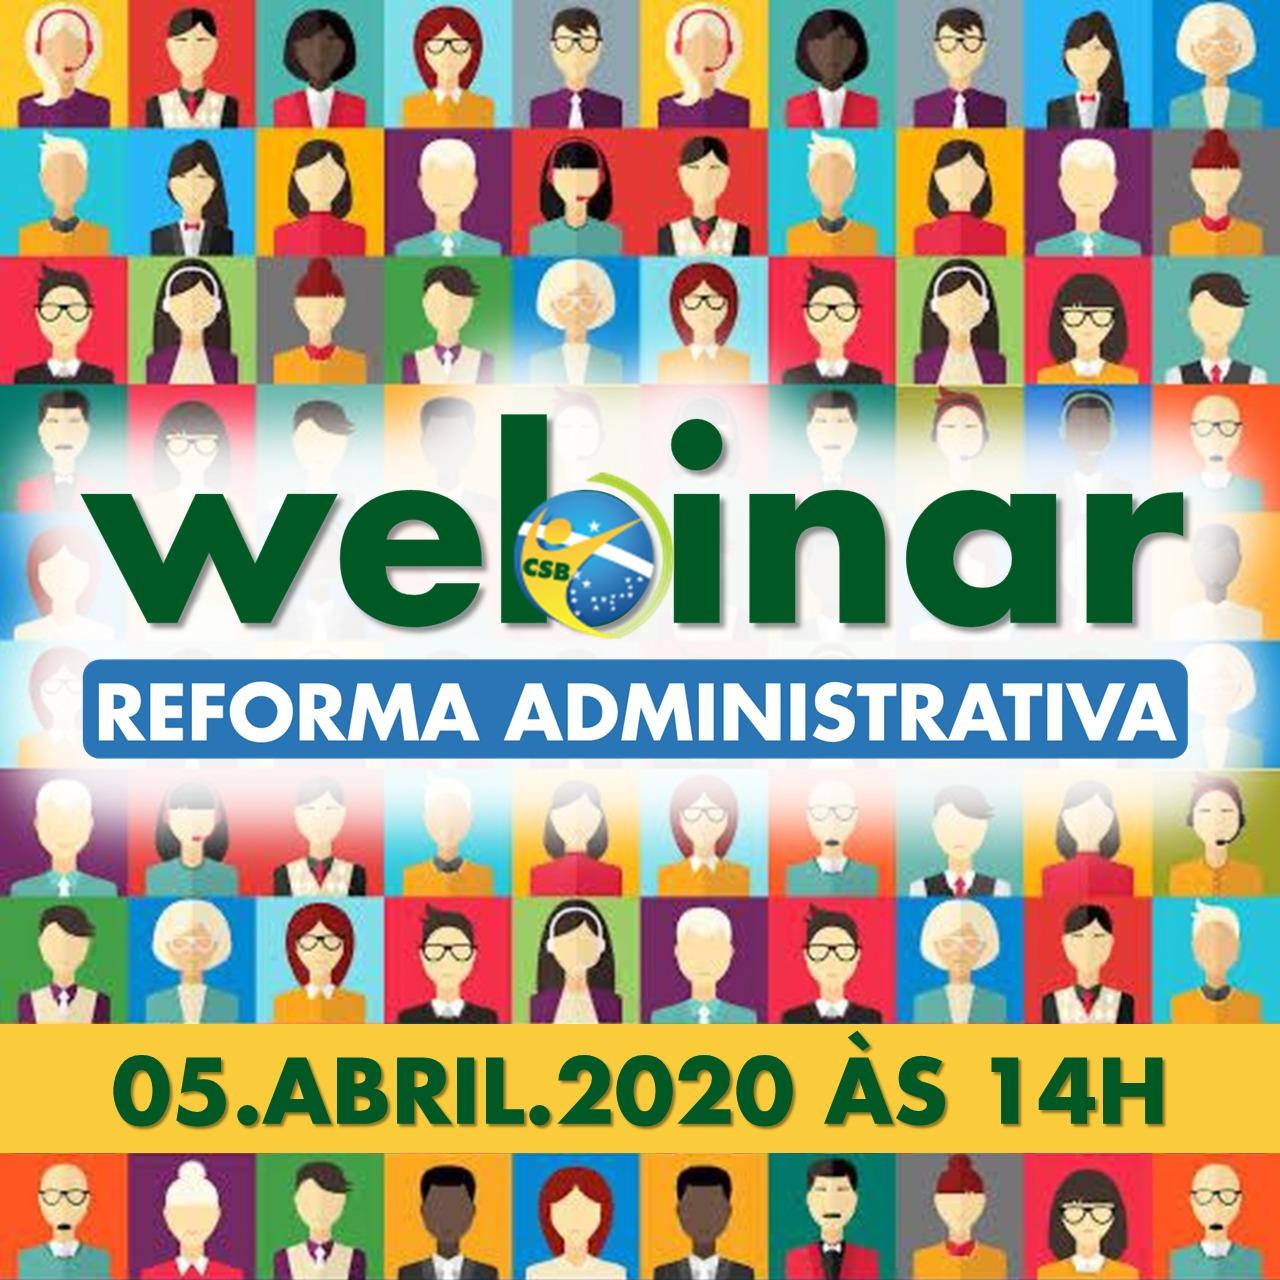 Entidades lançam vídeo contra a Reforma Administrativa